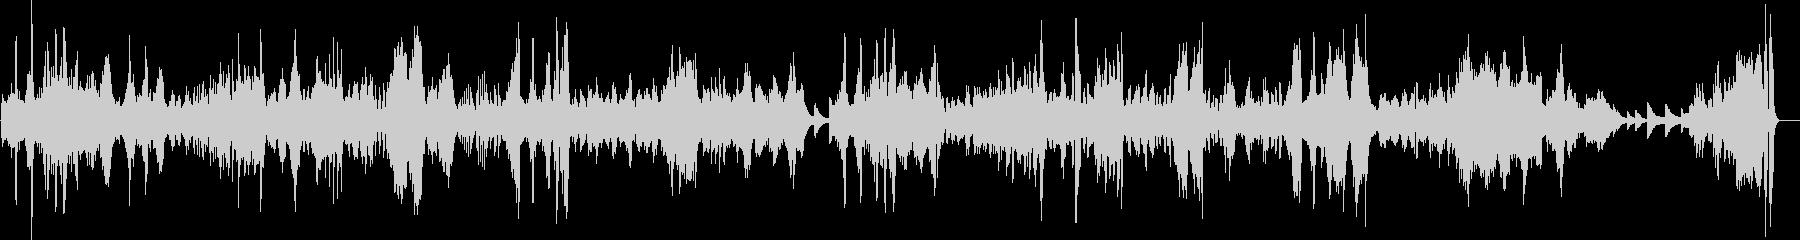 ベートーヴェン 月光 第三楽章 ピアノの未再生の波形